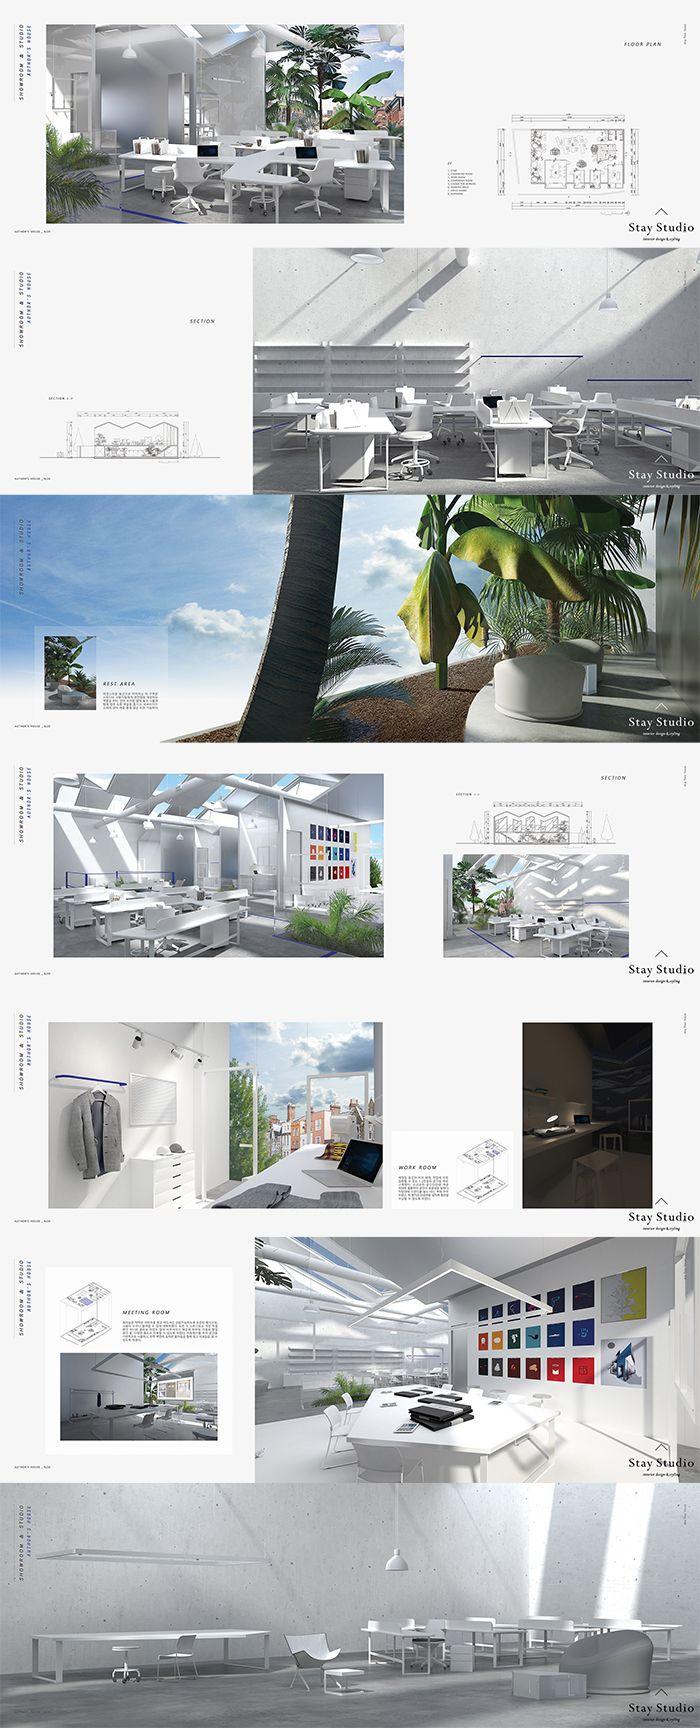 Stay Studio 인테리어 포트폴리오 Interior Portfolio / 스튜디오 인테리어 ...